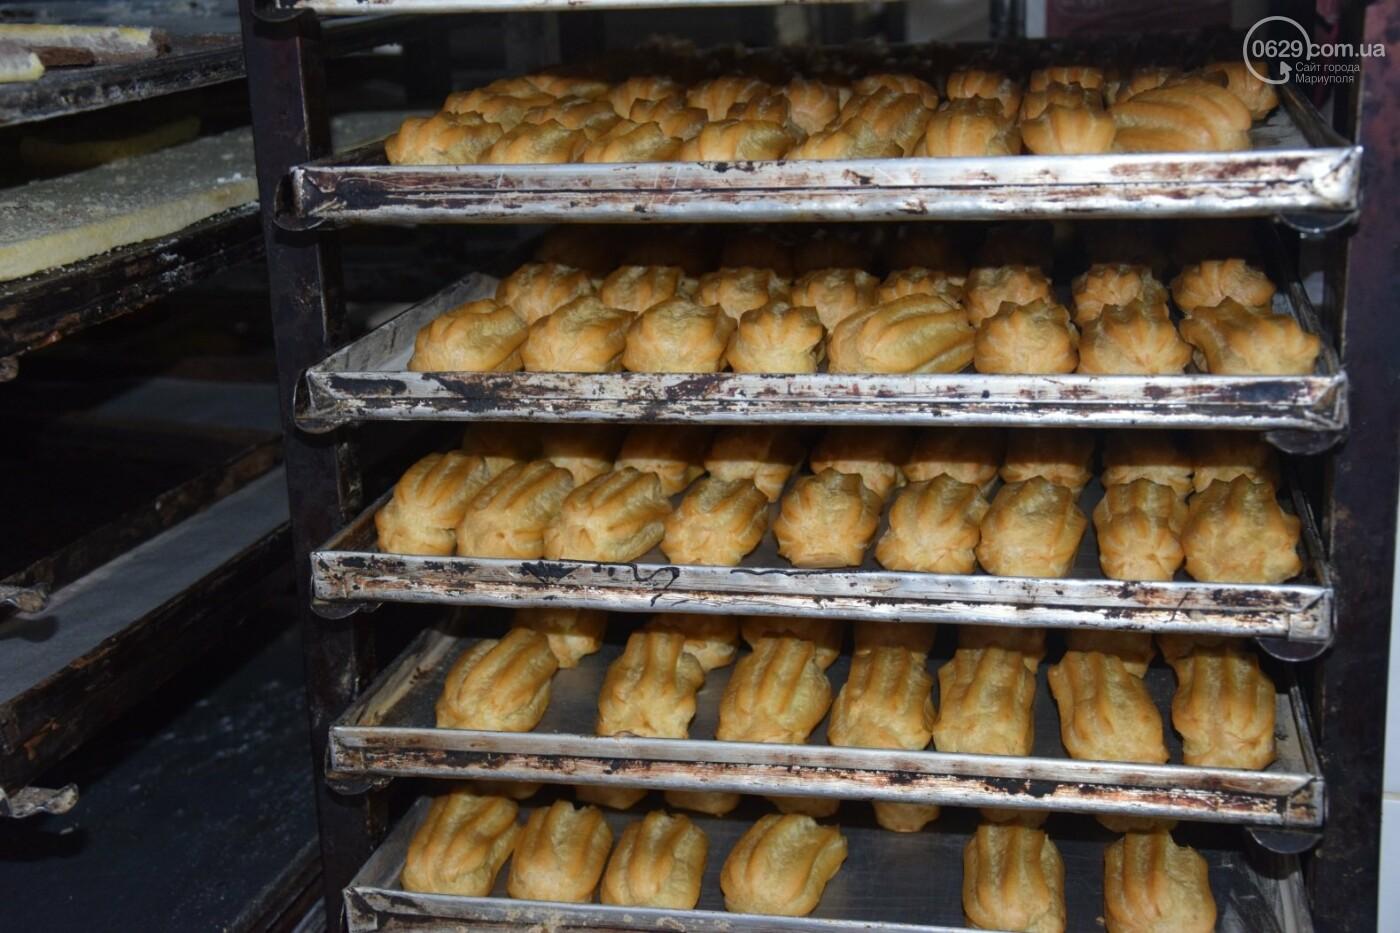 «Как это сделано»:  репортаж из кондитерского цеха в Мариуполе, - ФОТО, фото-3